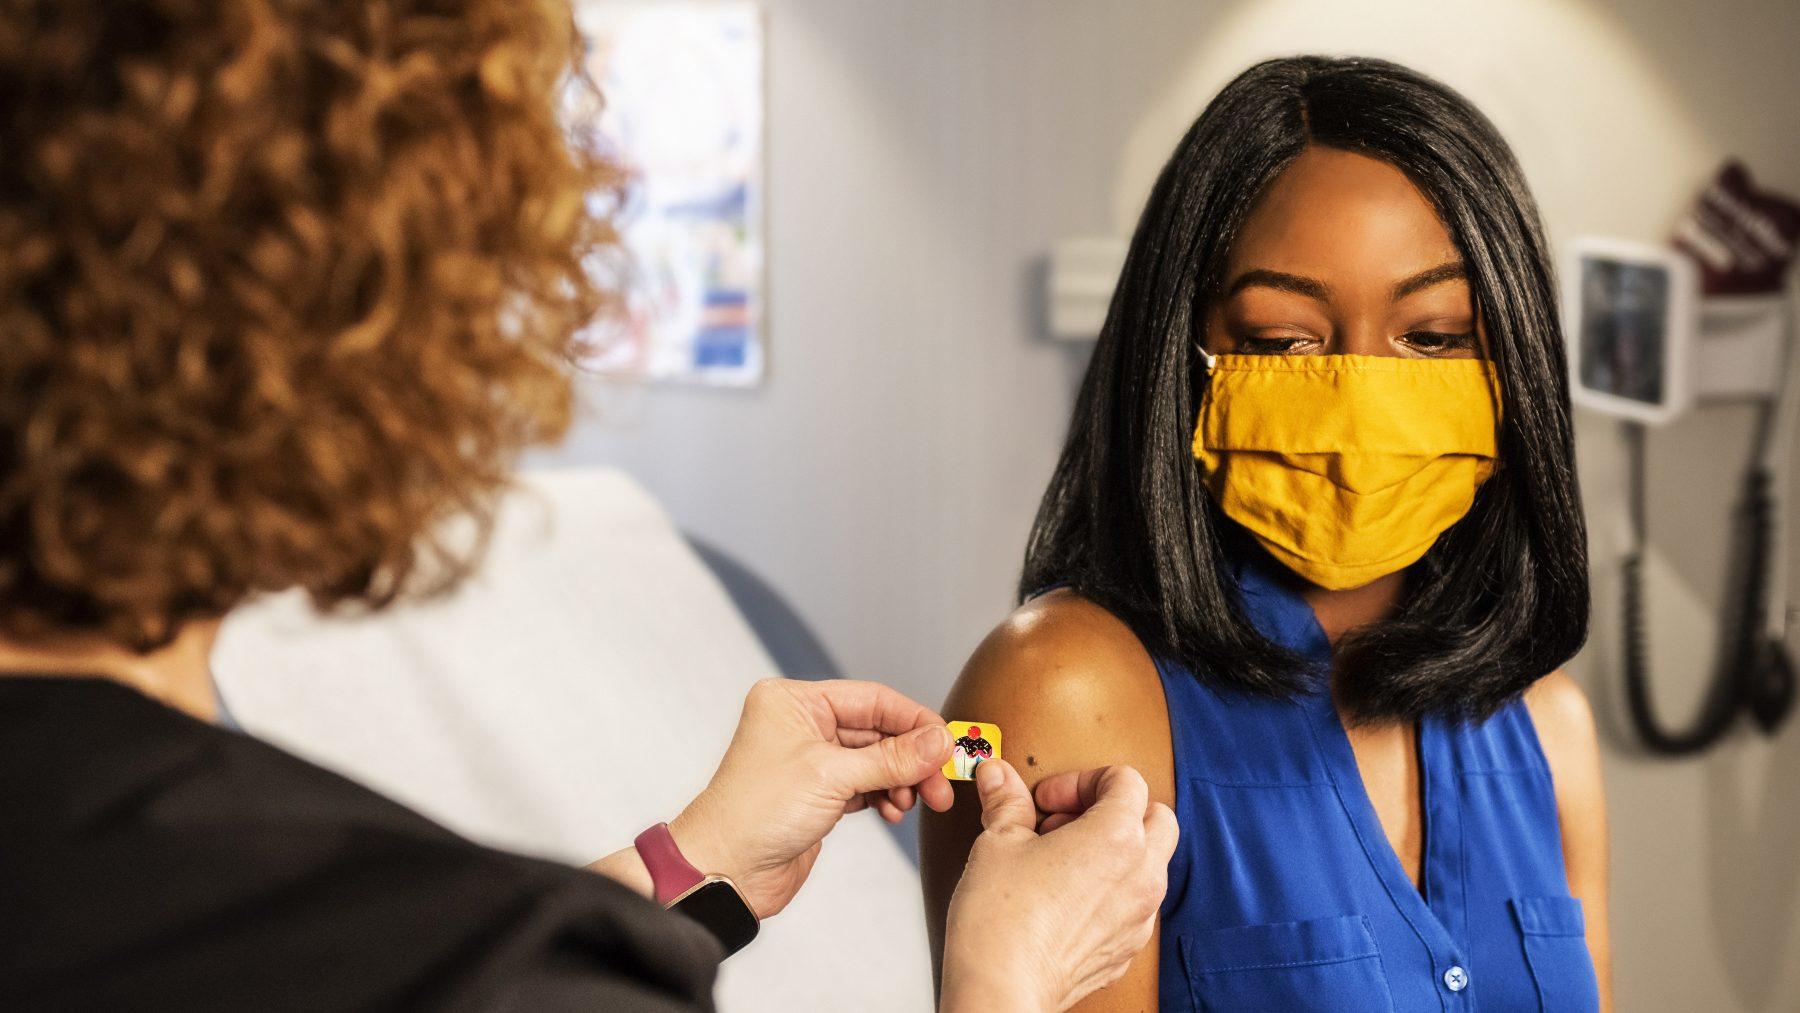 coronavaccinatie-bijwerkingen-menstruatie-borsten